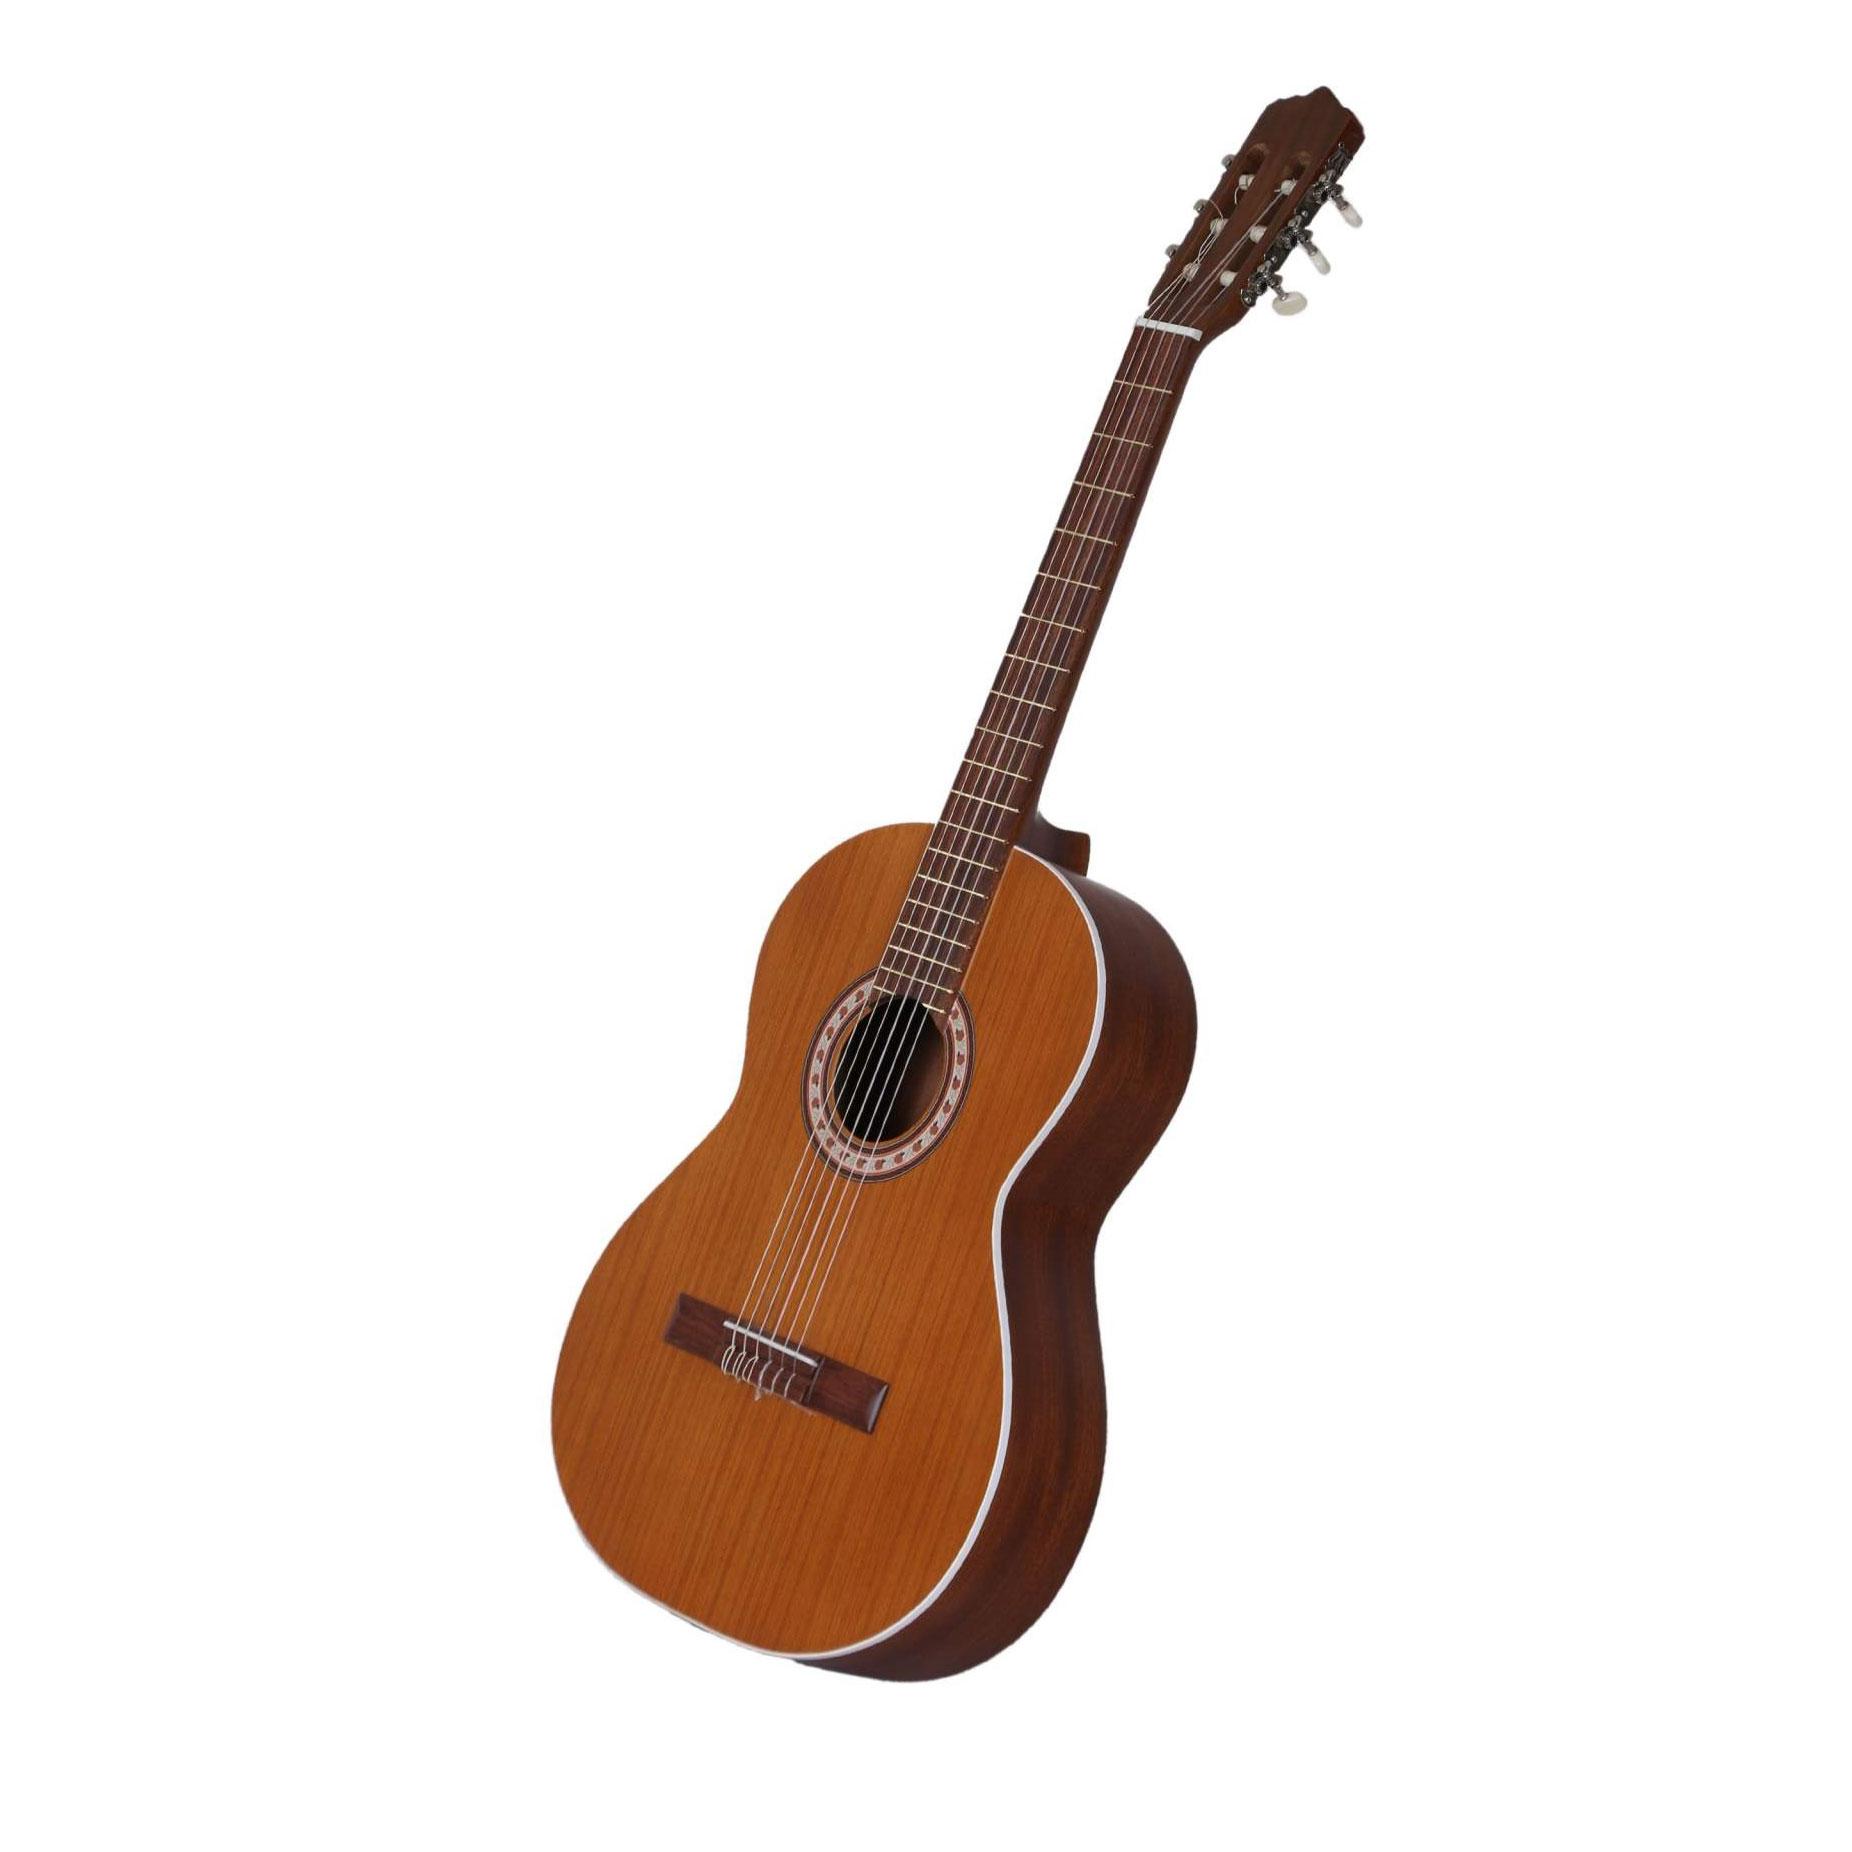 گیتار کلاسیک پارسی مدل M5، فروشگاه اینترنتی آف تپ، خرید آنلاین گیتار